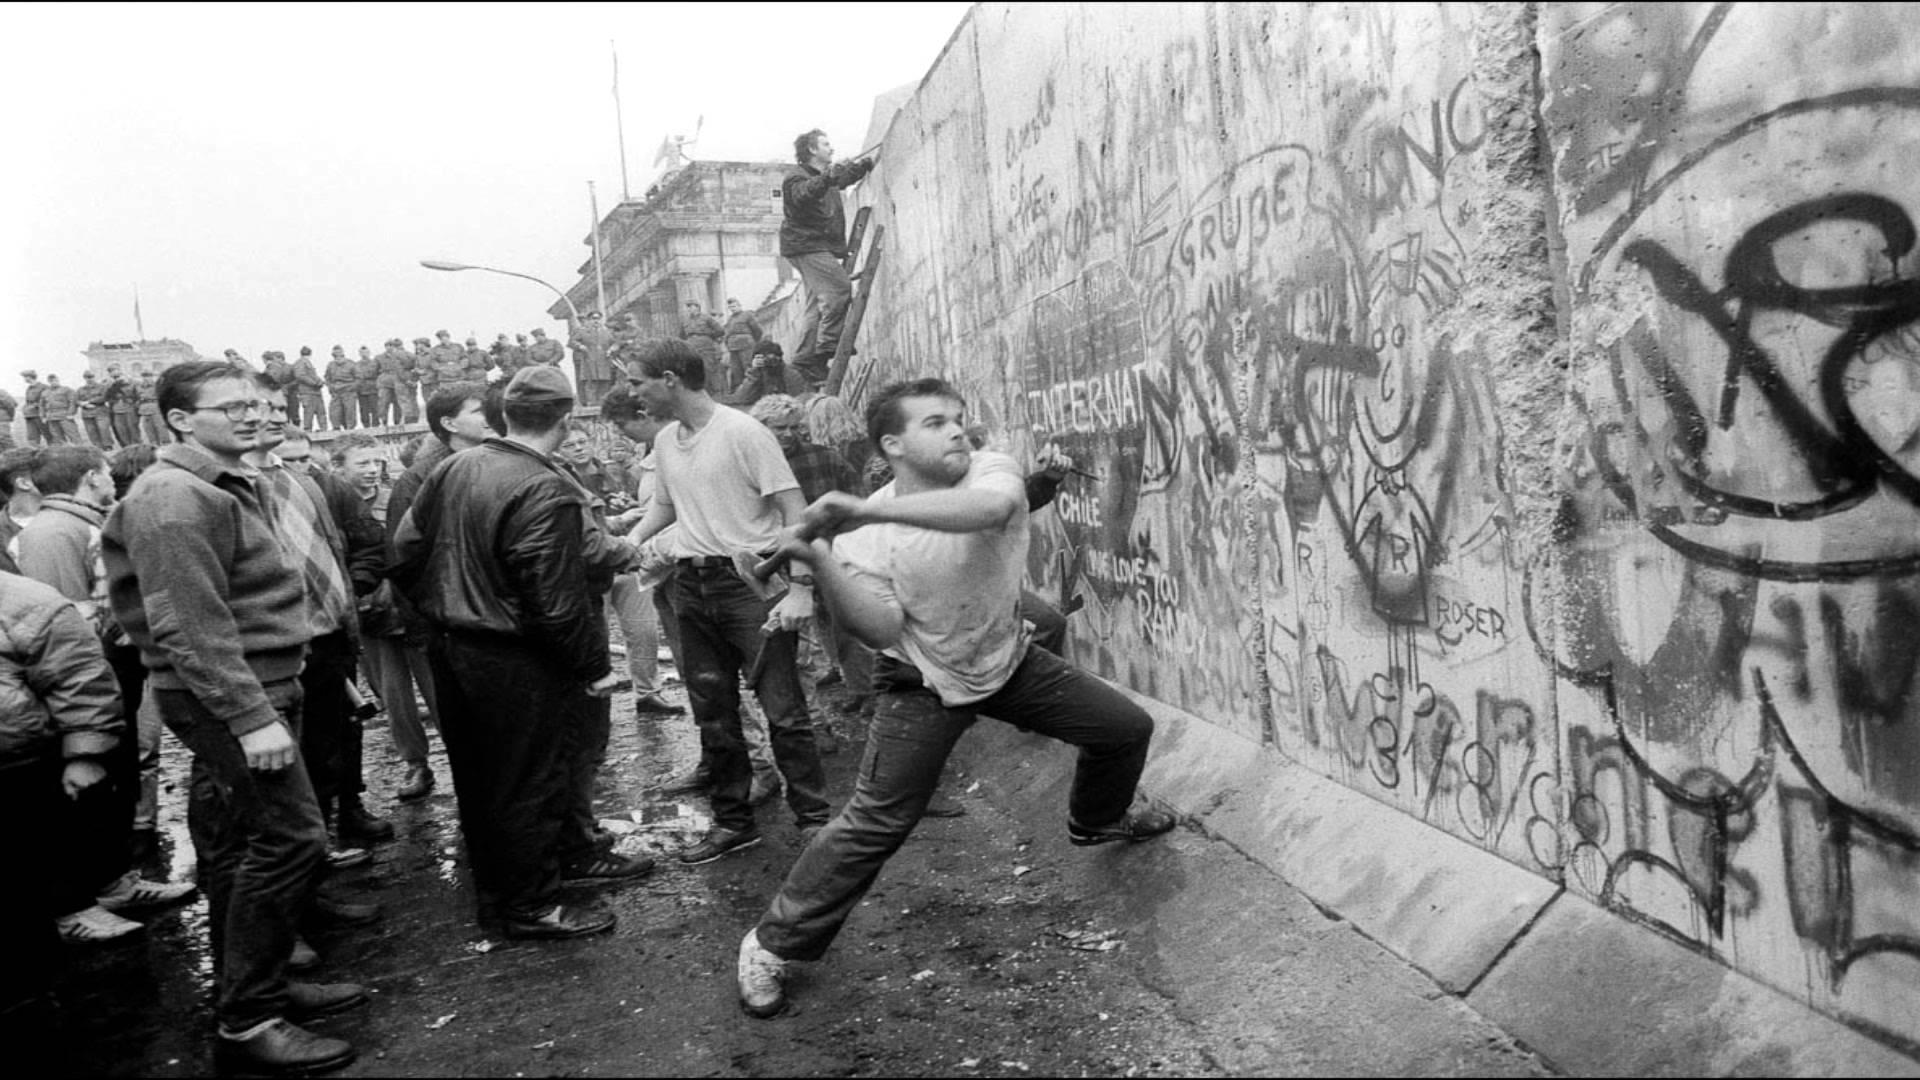 Βερολίνο 9η Νοεμβρίου 1989: Ένα «λάθος» που άλλαξε την ιστορία   Βίντεο